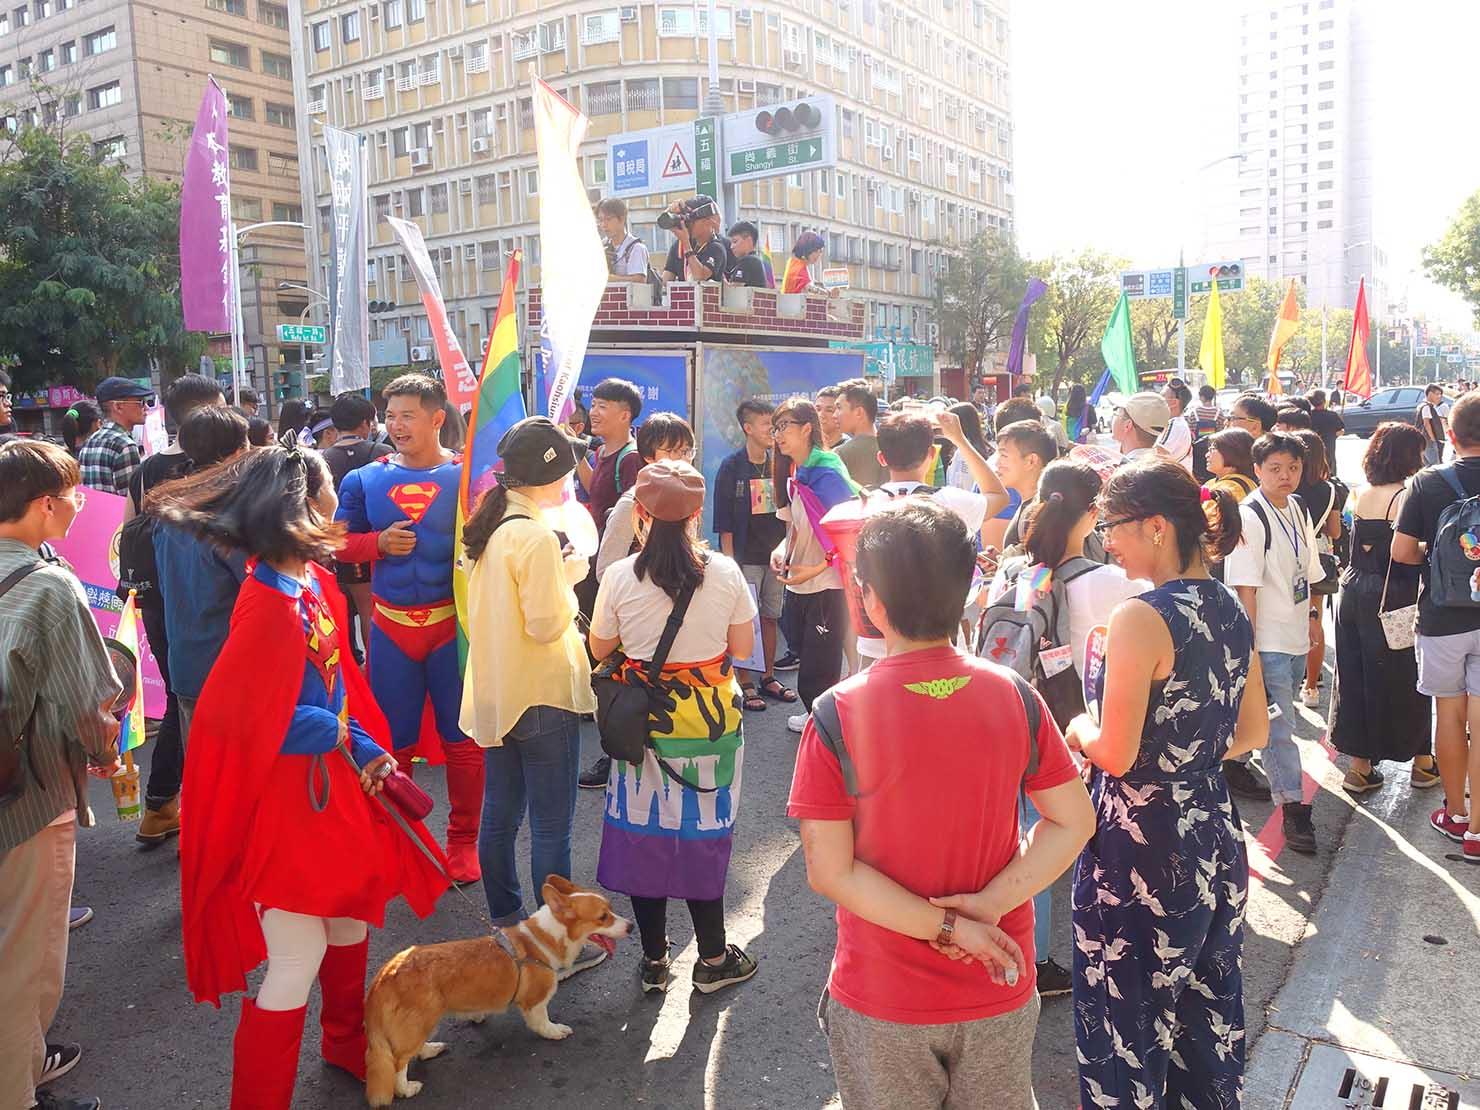 「高雄同志大遊行(高雄プライド)」2019のパレードカーに続いて出発する参加者たち